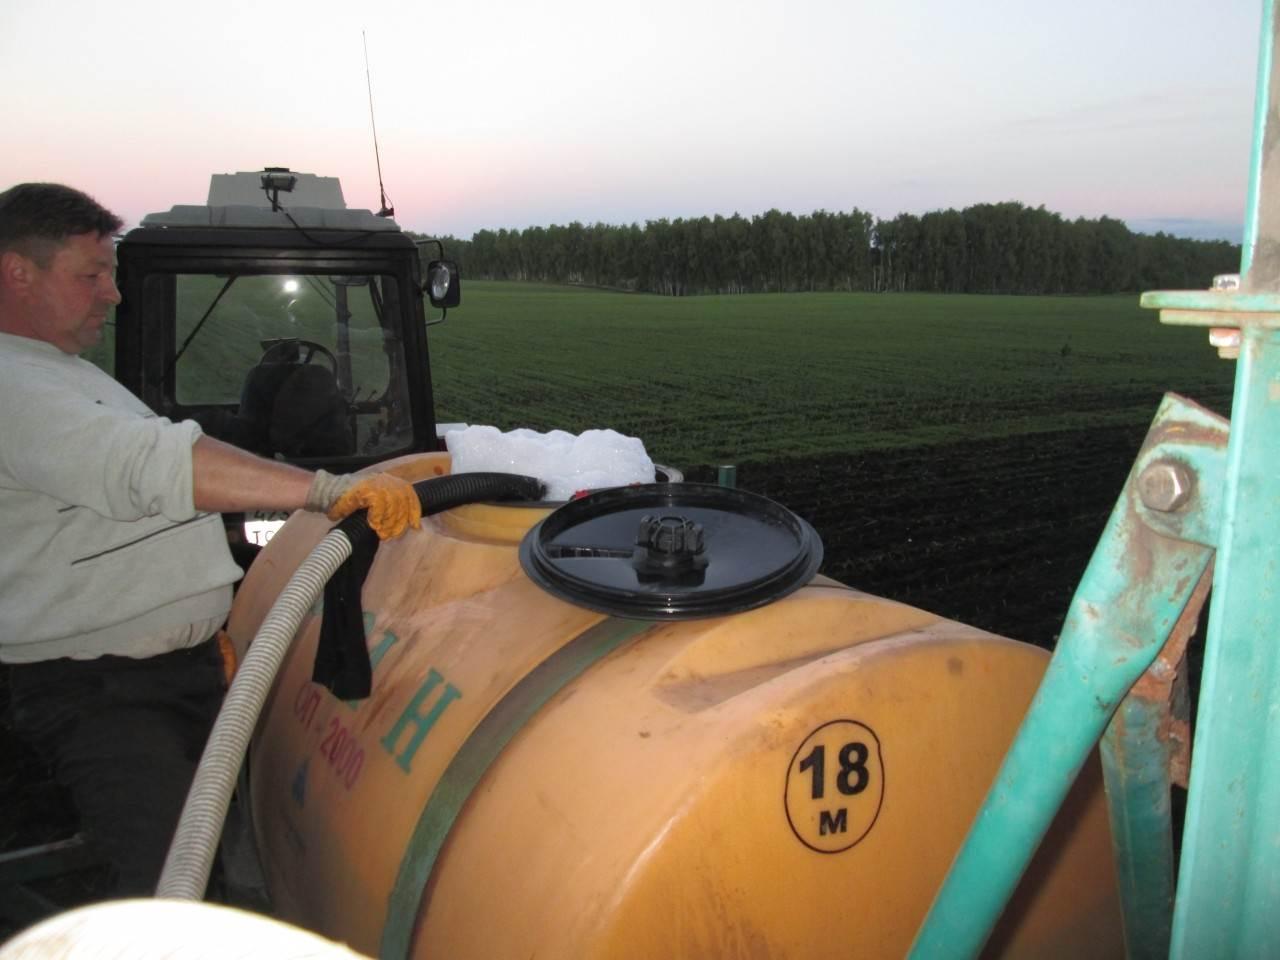 Процесс обработки поля Кукуруза препаратами ООО ТД Кирово-Чепецкая Химическая Компания